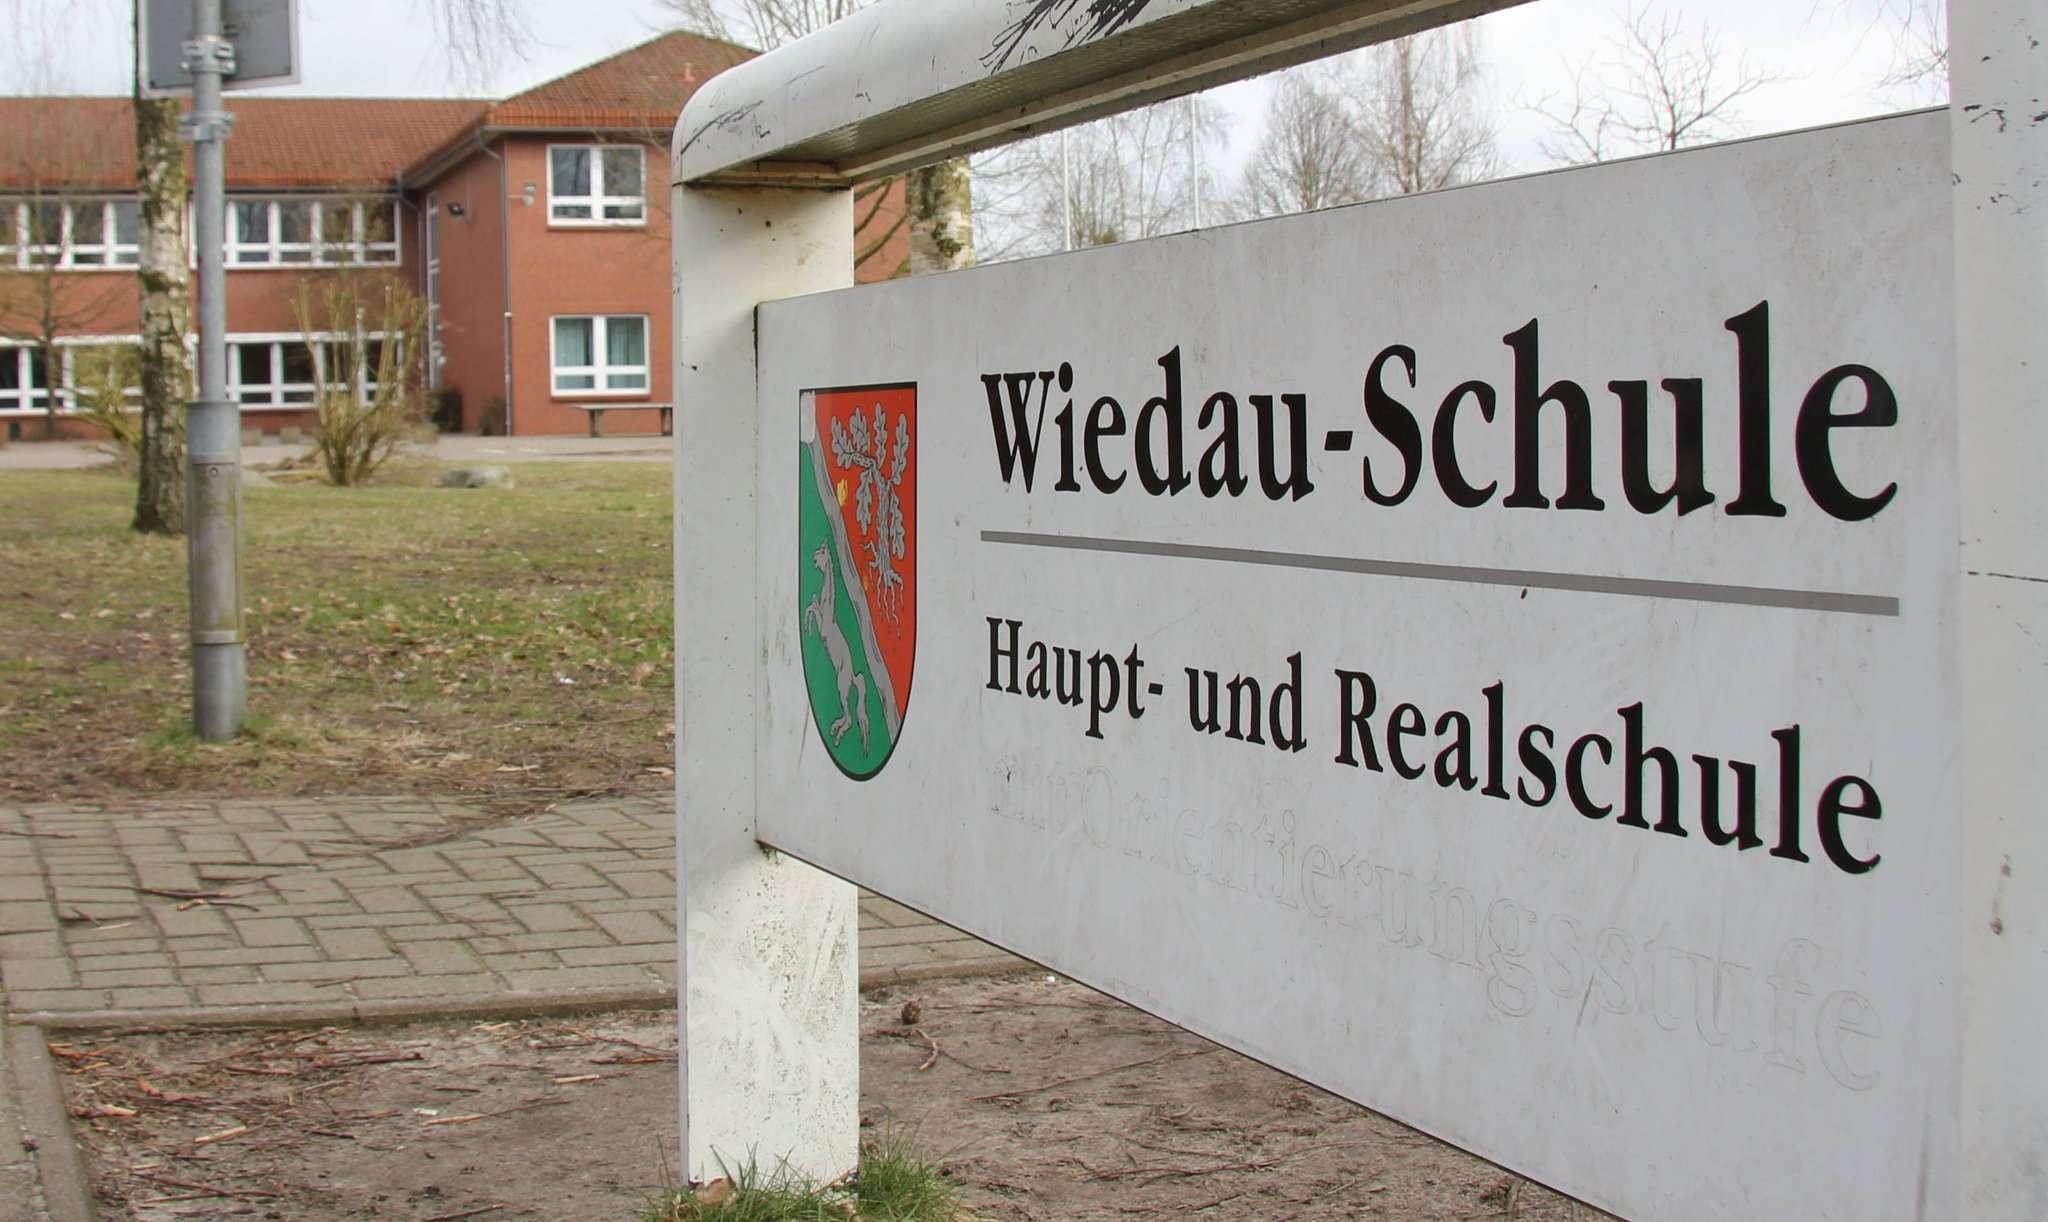 Vor allem die Baumaßnahmen an der Wiedau-Schule wirken sich auf den Investitionsplan und damit auch auf den Haushalt der Samtgemeinde aus. Archivfoto: Nina Baucke